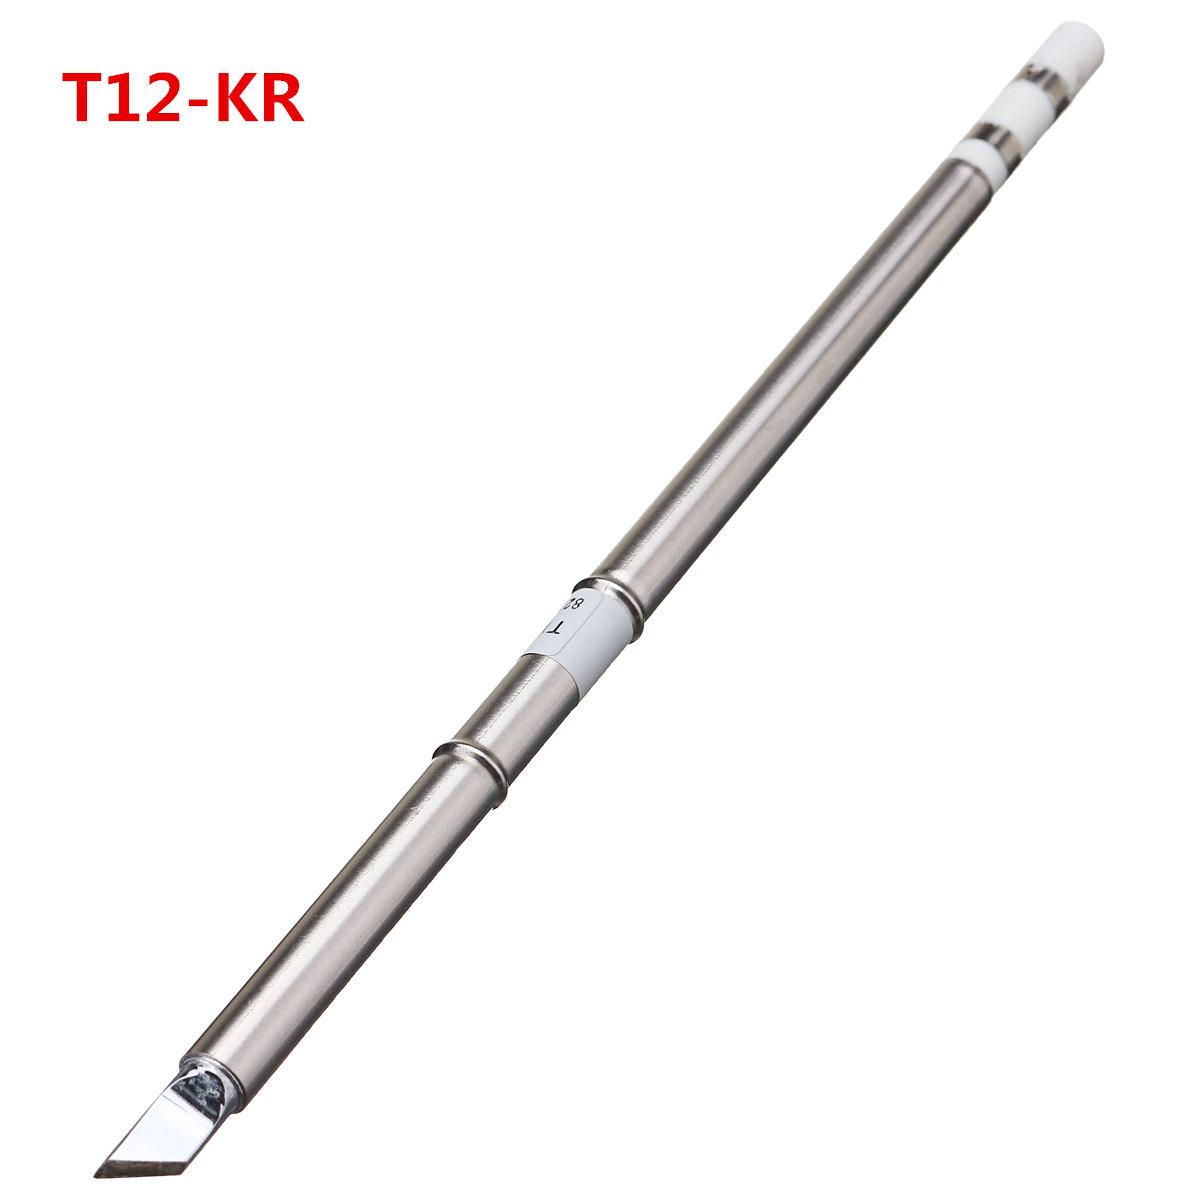 T12 Soldering Iron Tip Station Tip T12-JI02/KR/J02 for Hakko Solder Iron